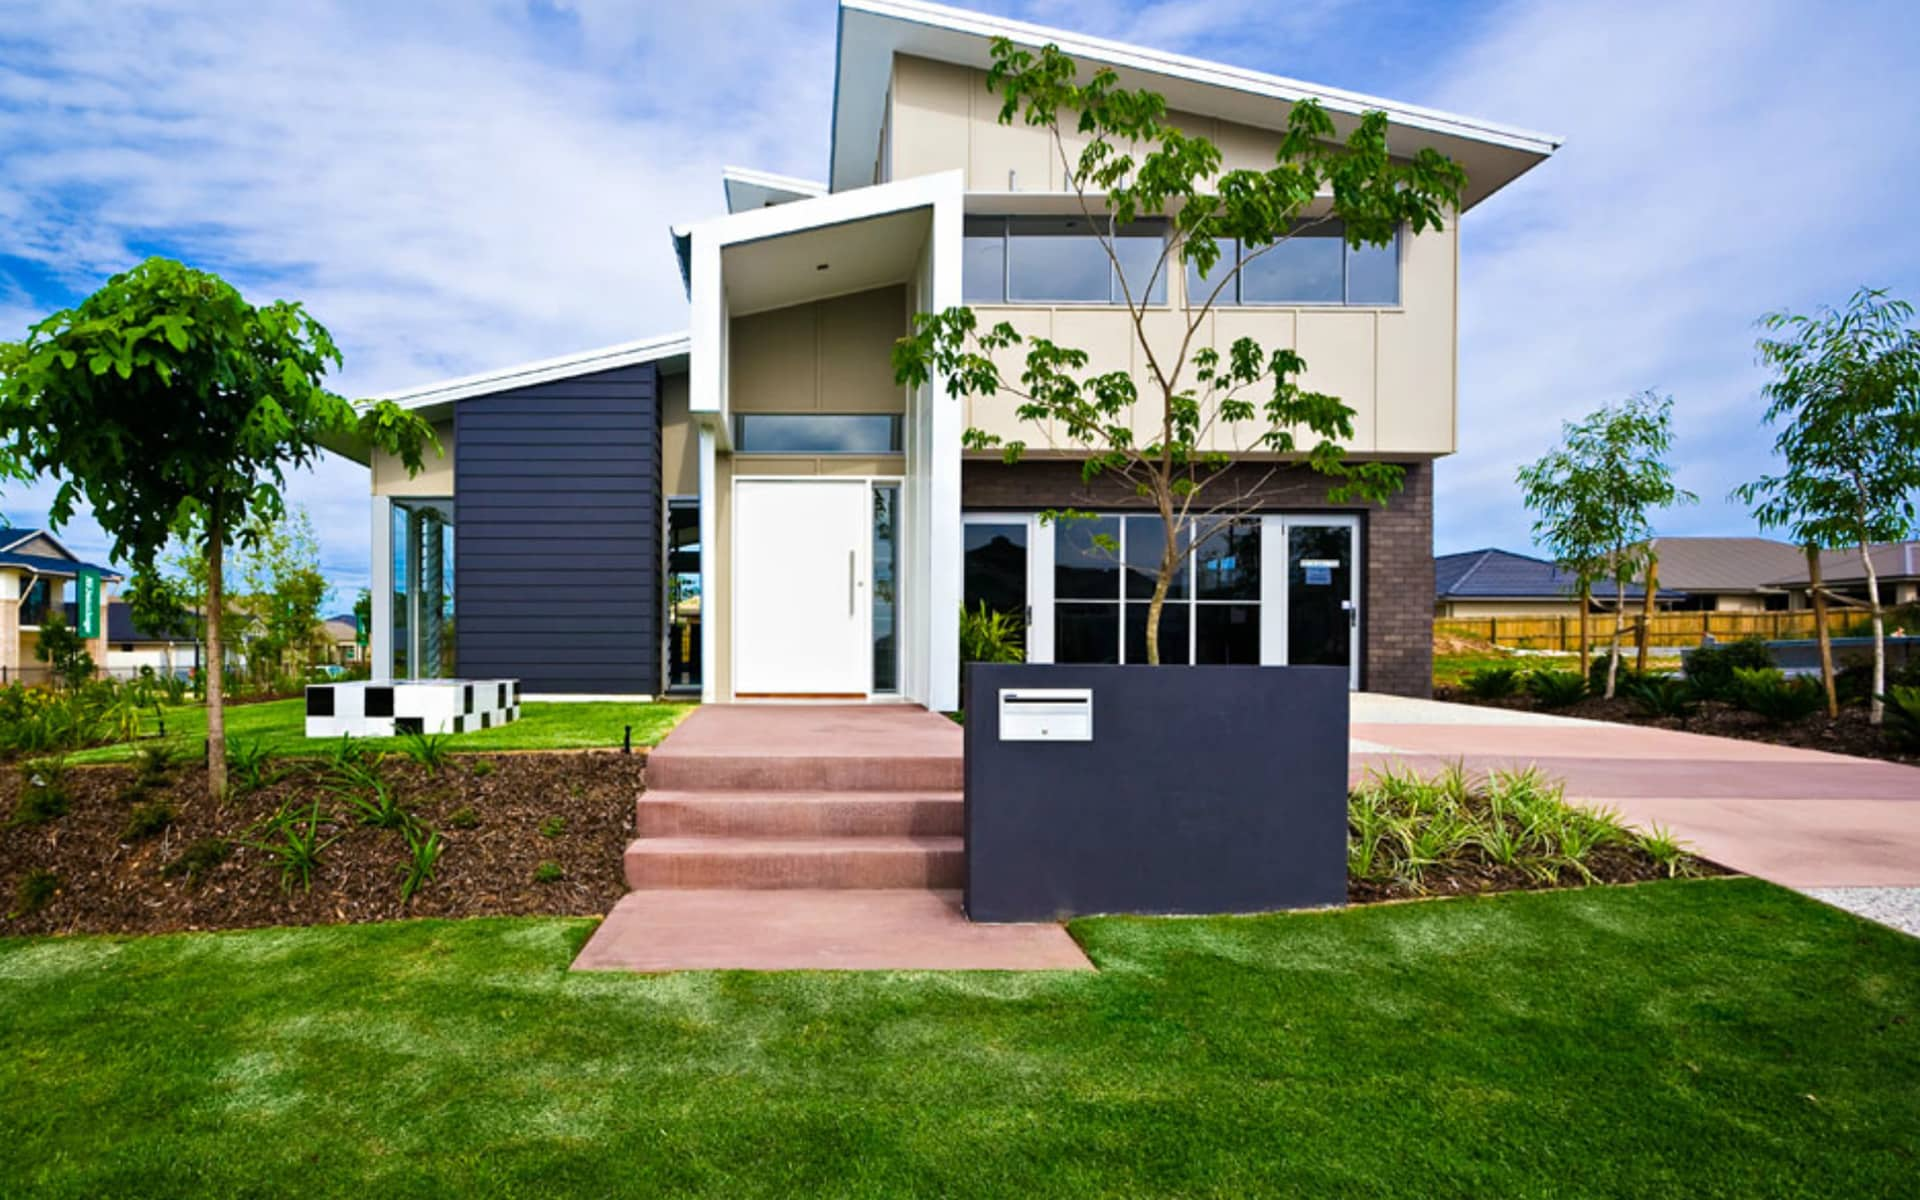 Brisbane Builders\u0027 Eco Homes Featured in The Westerner